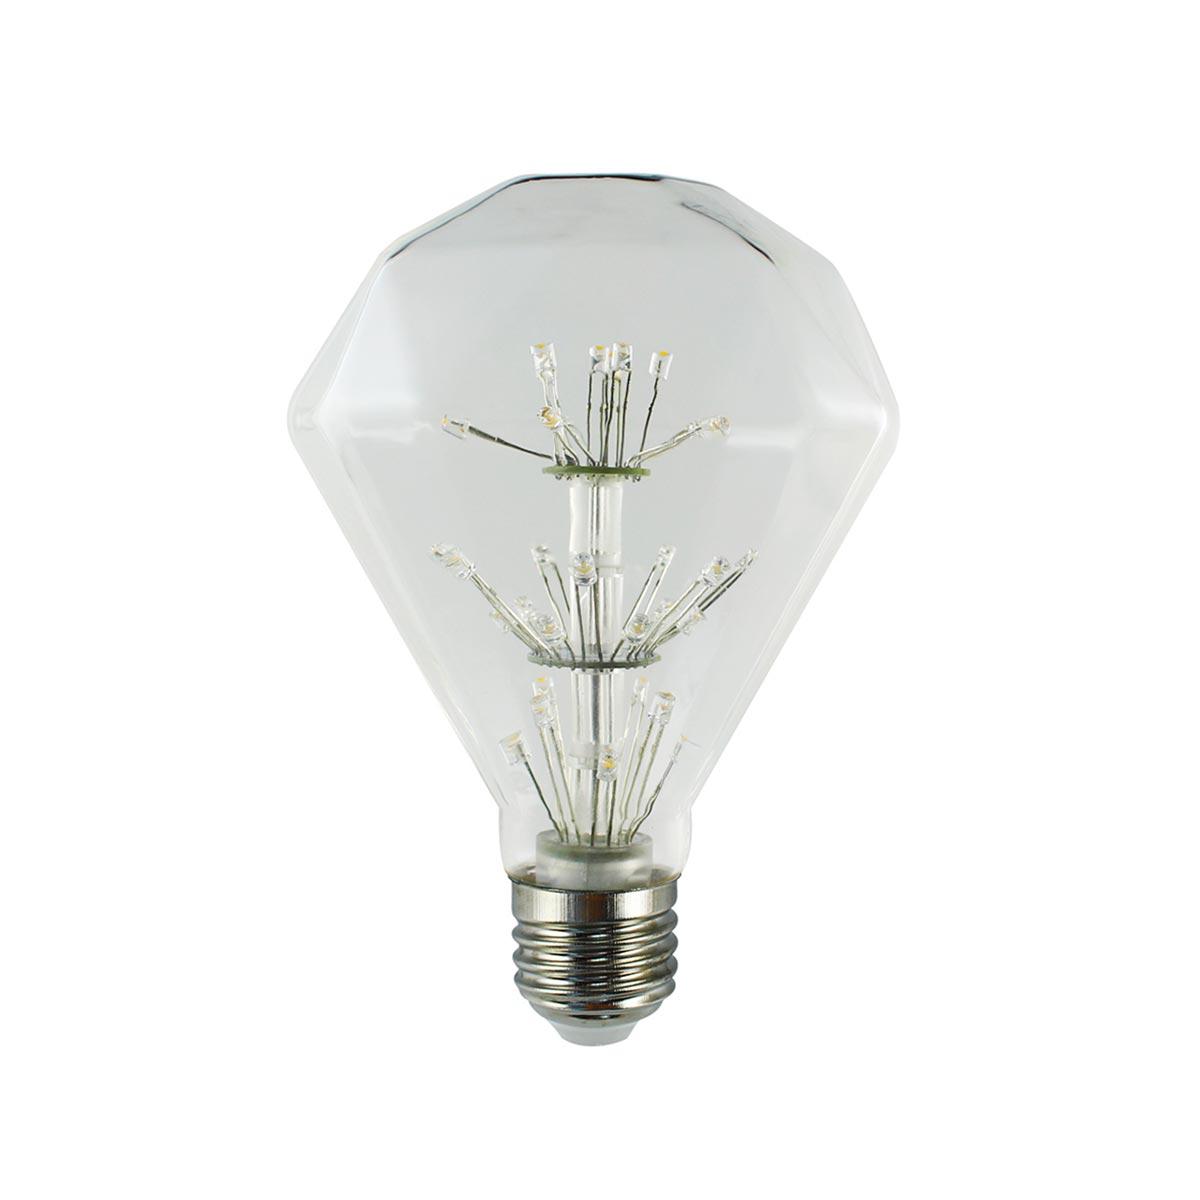 Ampoule LED E27 diamant verre transparent H14cm